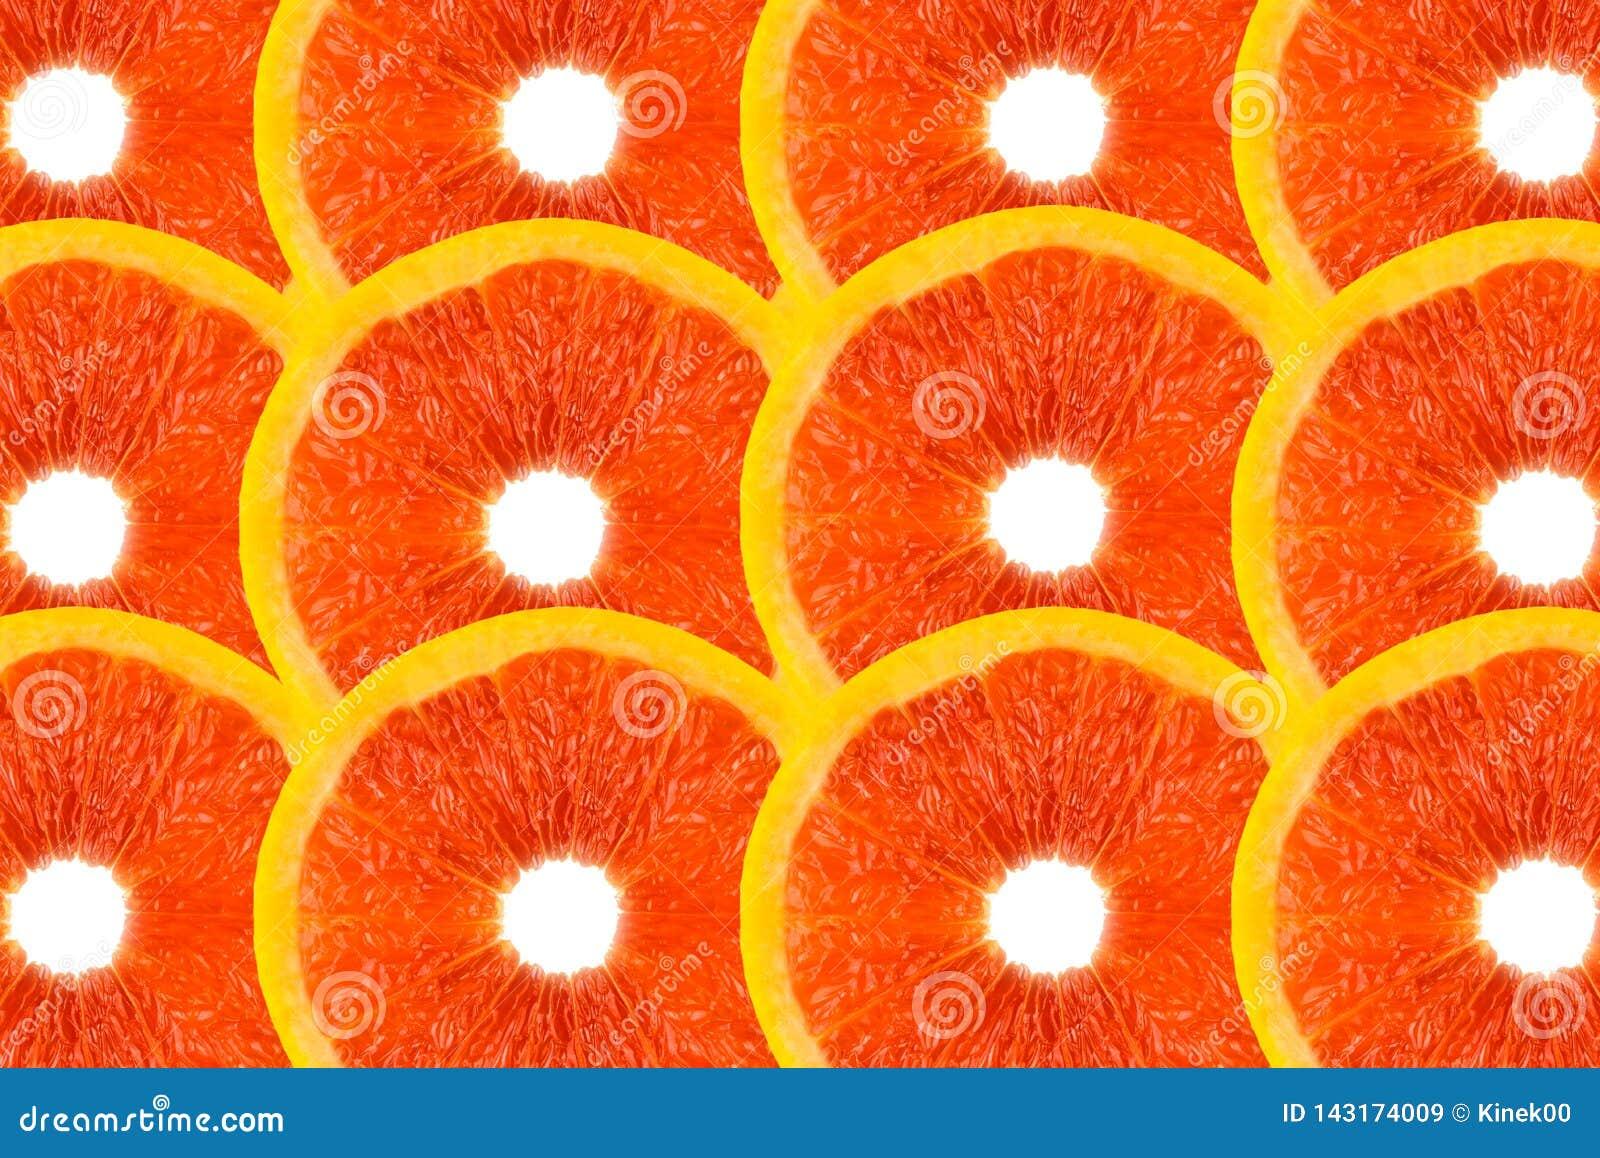 Modellen gjorde fr?n nya grapefruktskivor p? en vit bakgrund, den ?ver huvudet sikten som var flatlay skivad half ananas f?r bakg